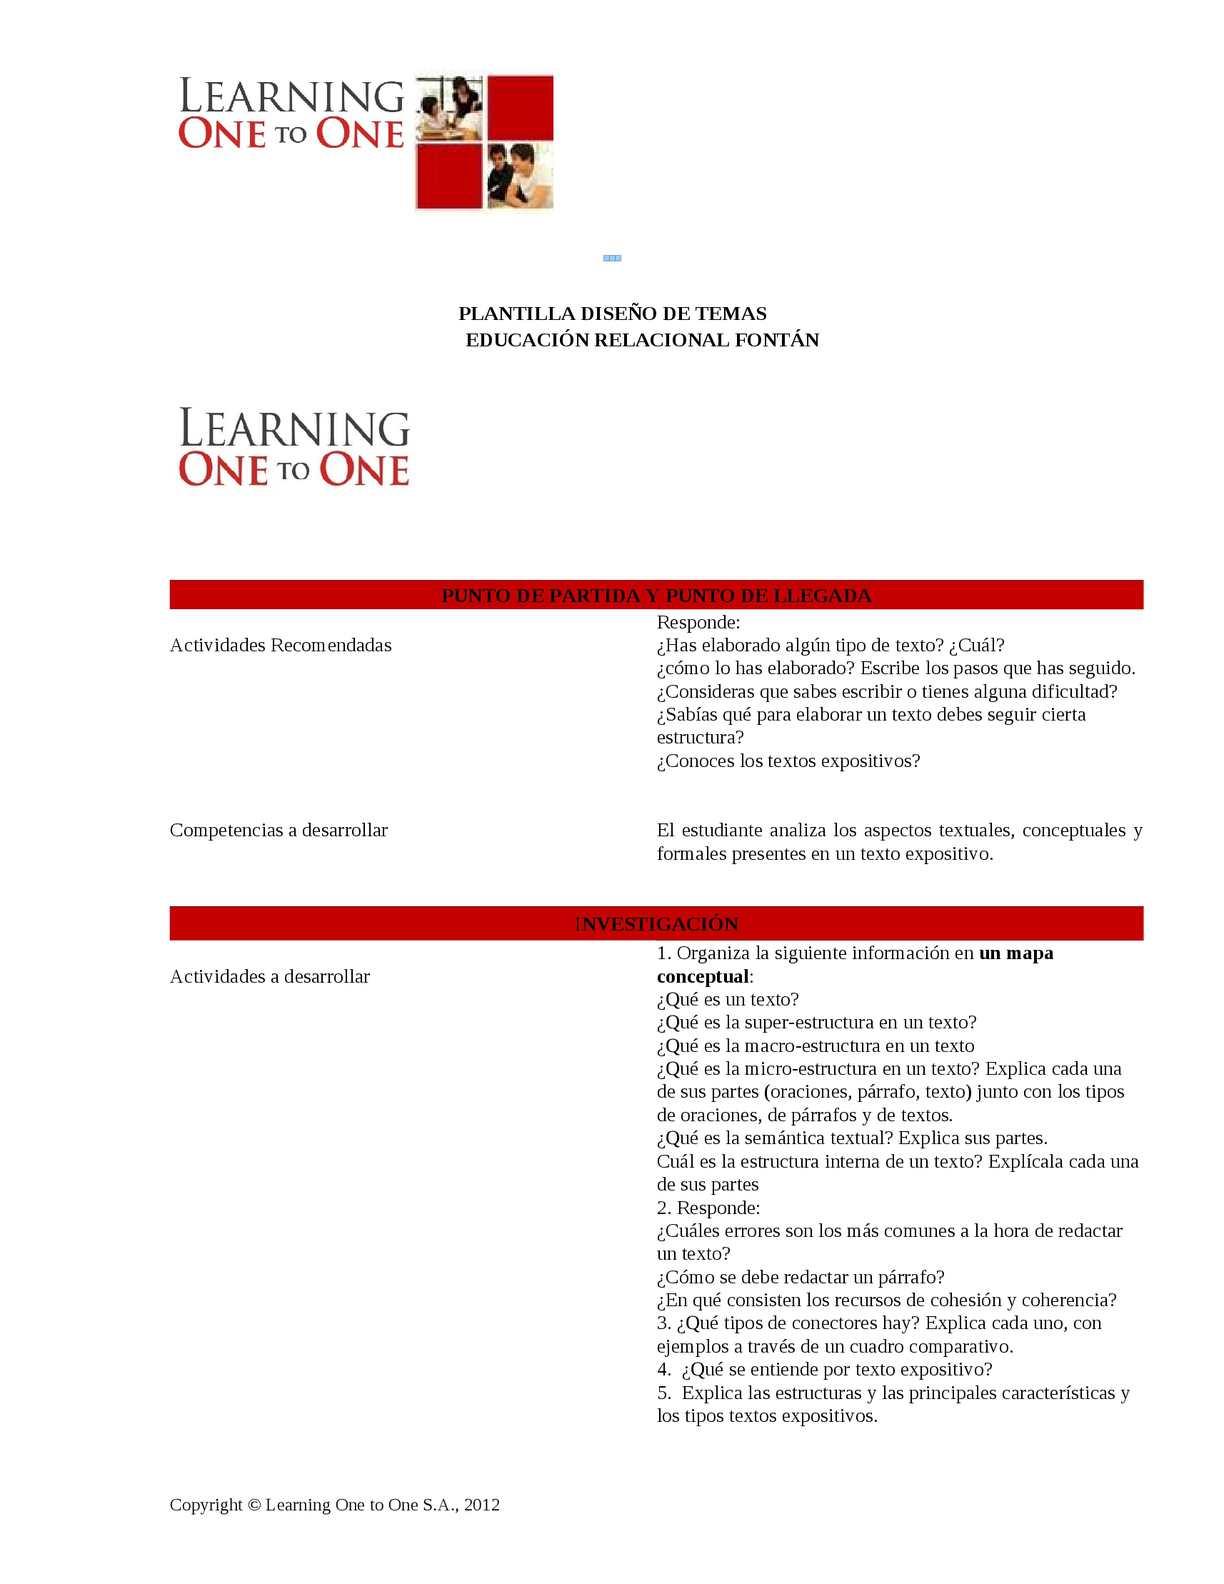 Calaméo Tema Macroestructura Y Microestructura Y Texto